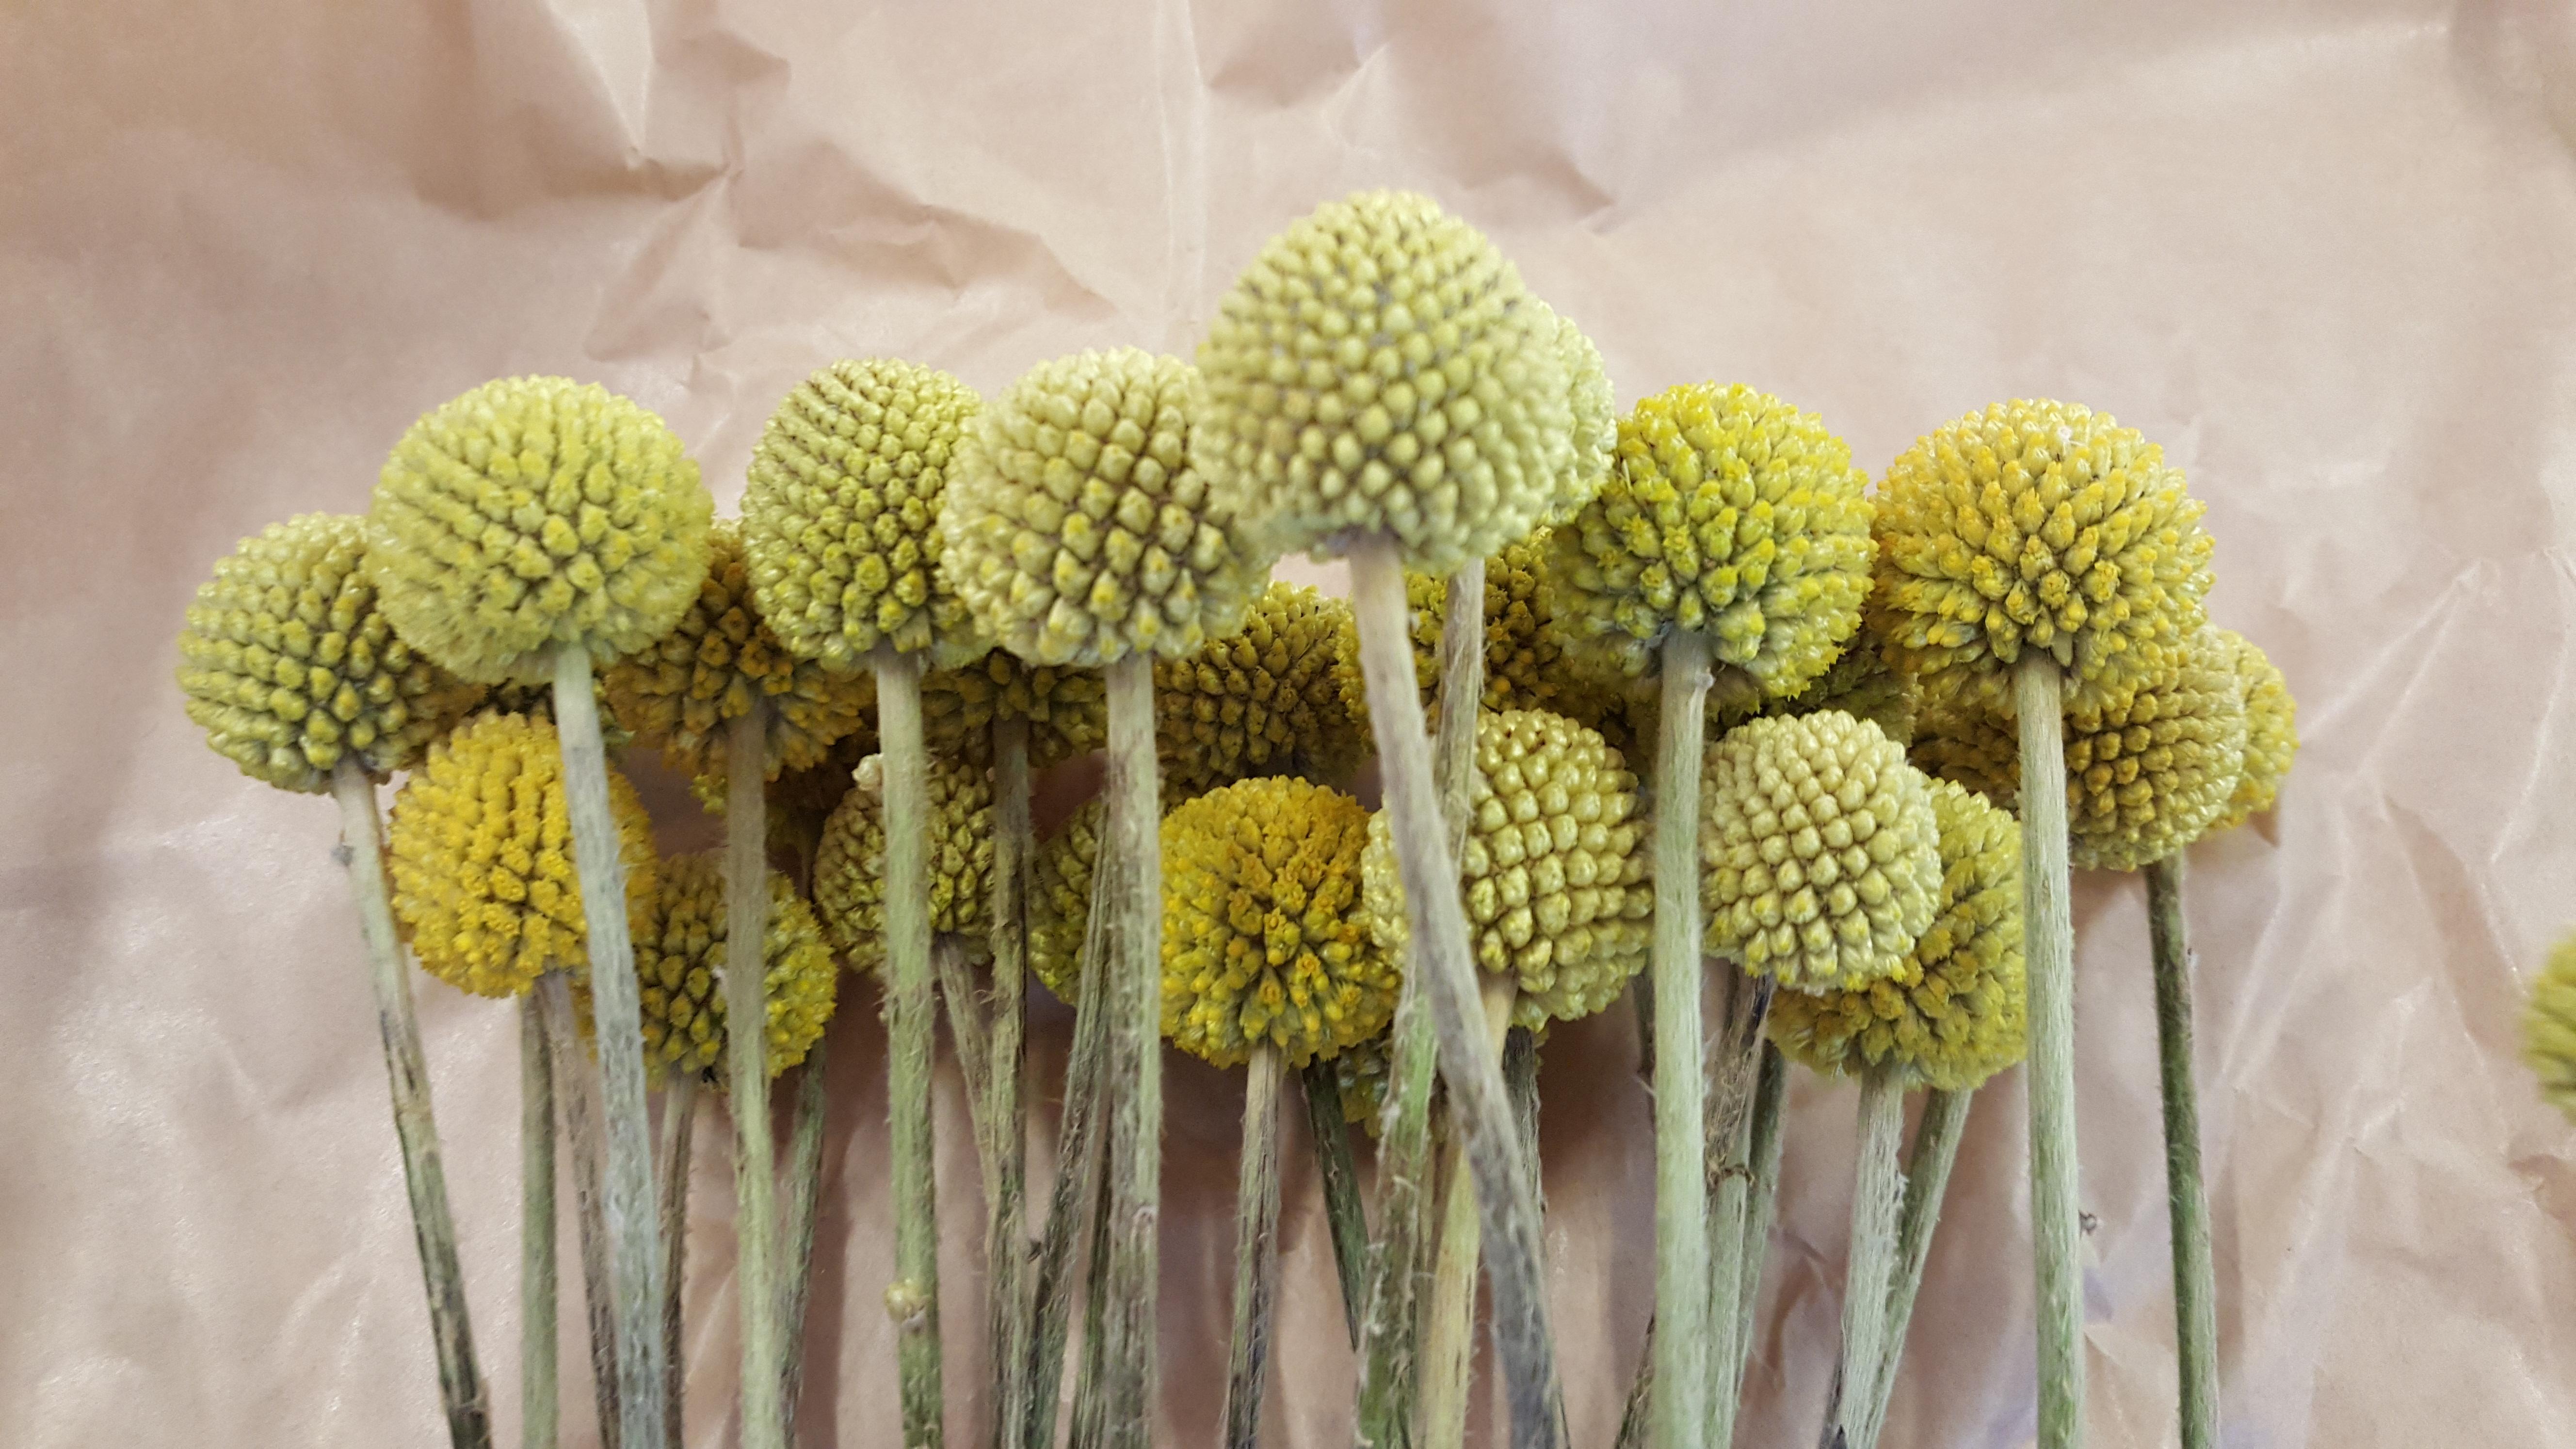 Zakupu i dostarczenia materiału szkoleniowego na zajęcia praktyczne – żywy materiał florystyczny